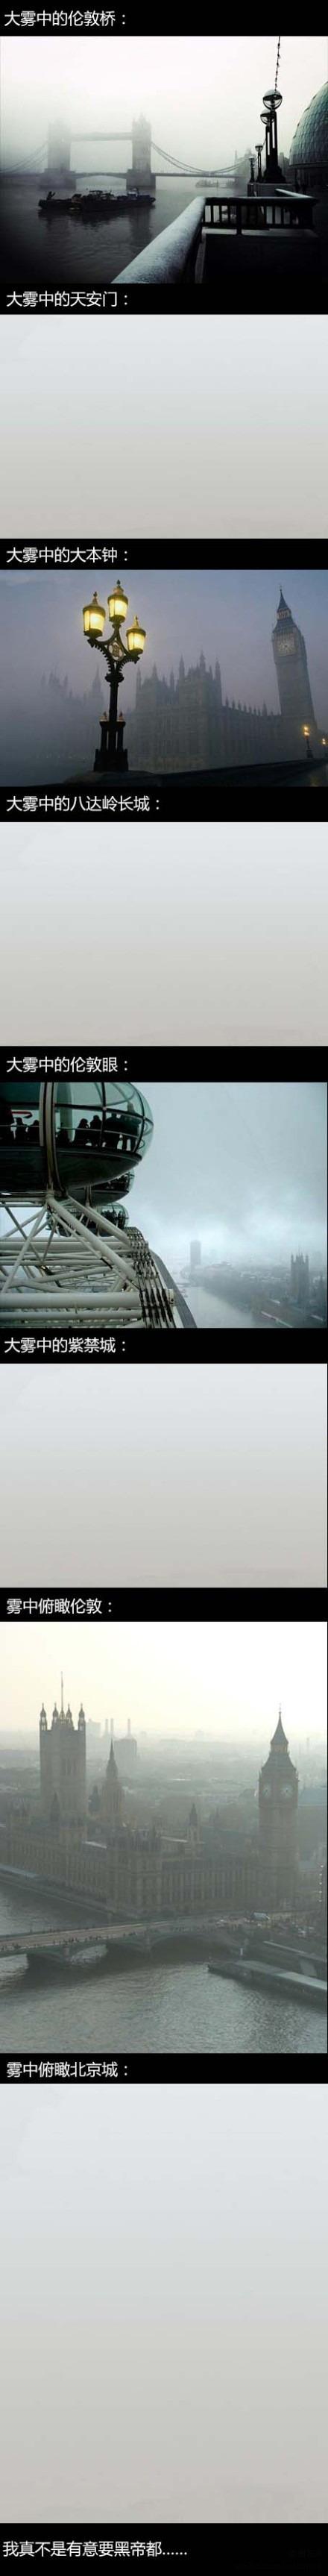 无法呼吸的国度︰中国空气污染摄影纪实